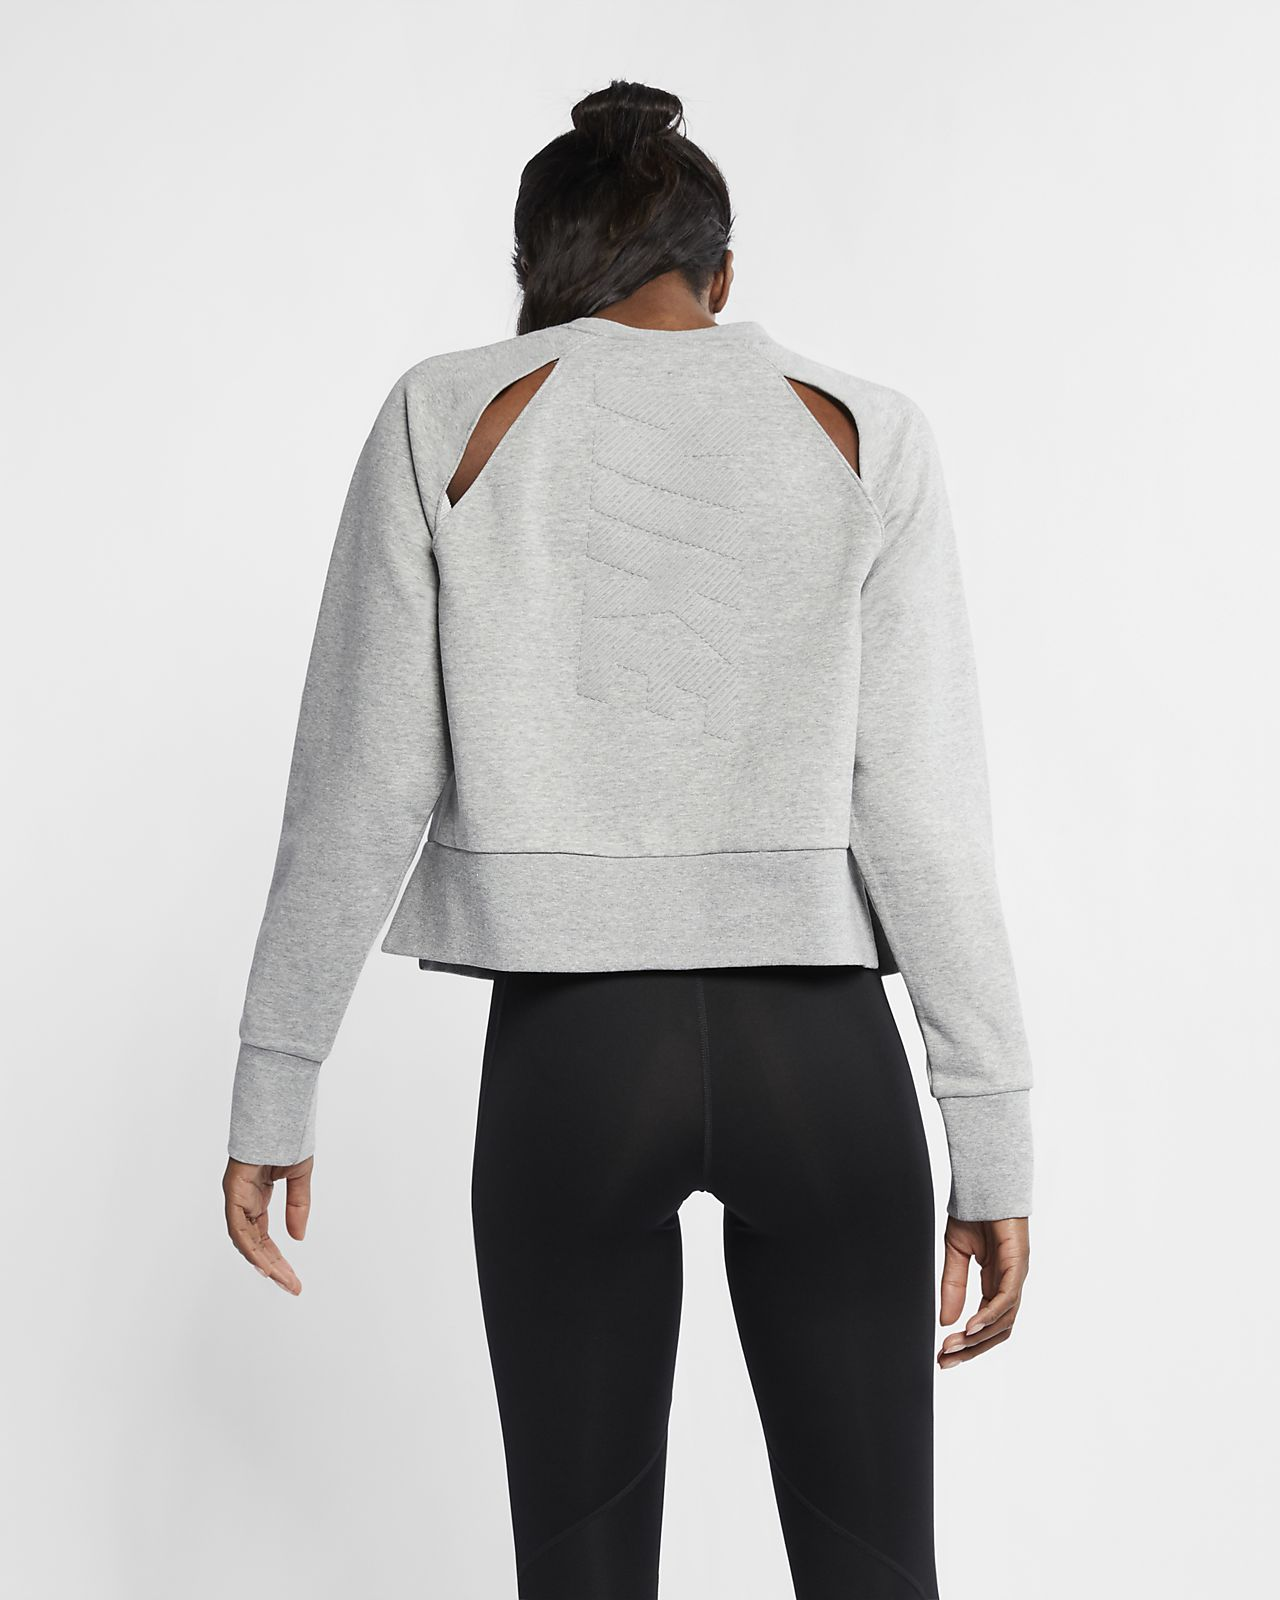 d661e2310f94 ... Haut d entraînement de yoga à manches longues Nike Dri-FIT pour Femme